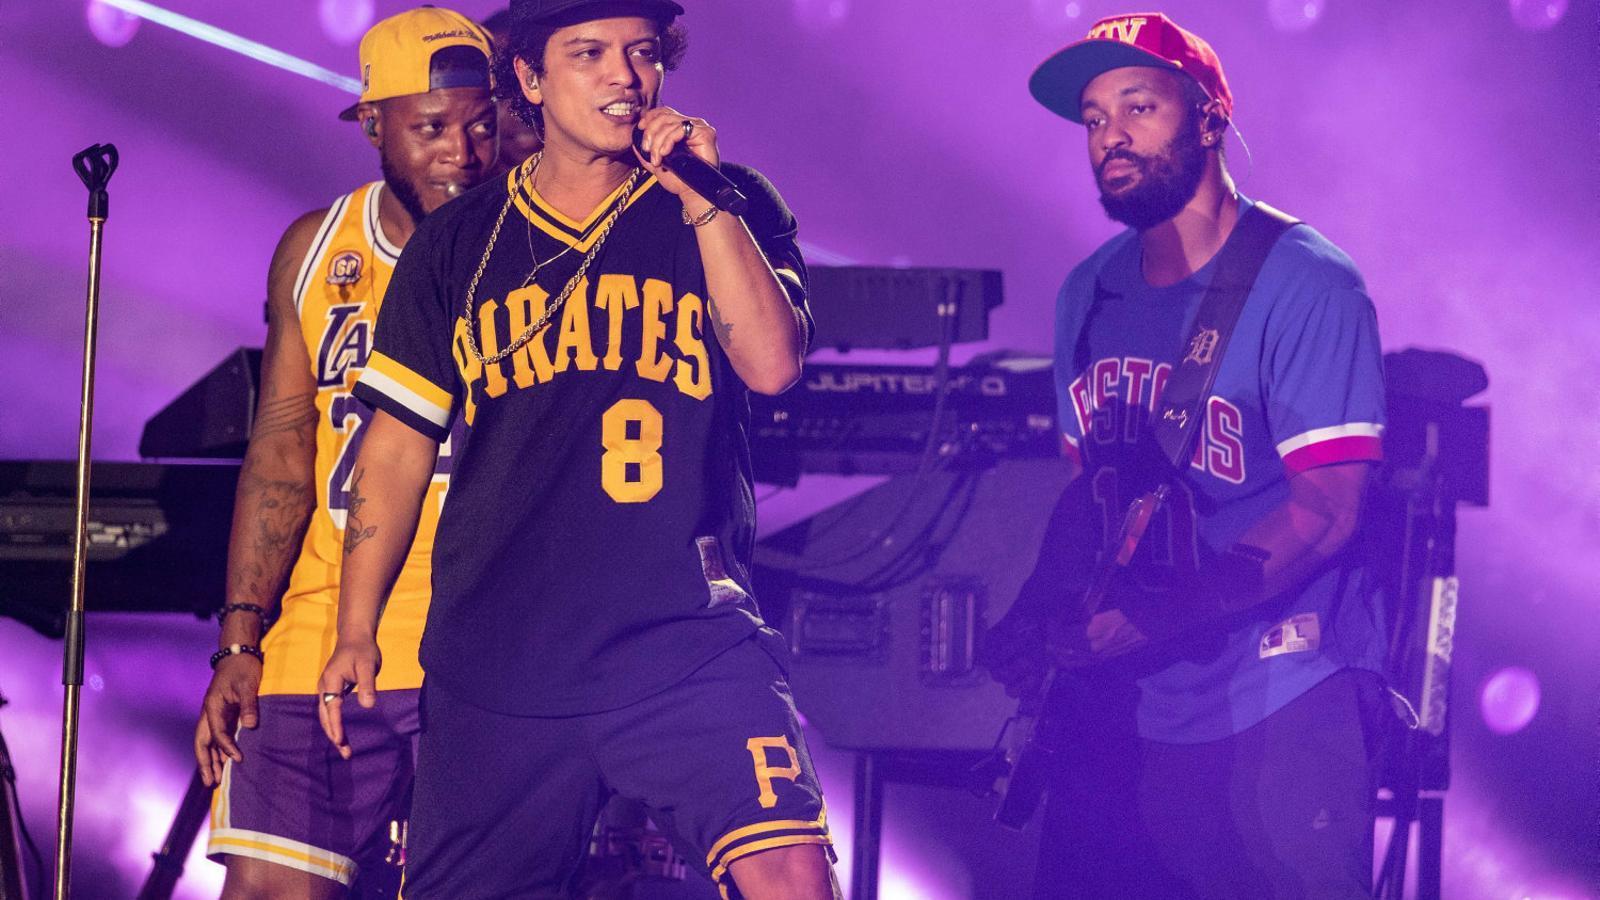 Bruno Mars, rei d'una festa del funk de 24 quirats Elvis Costello, un rebel a la zona alta